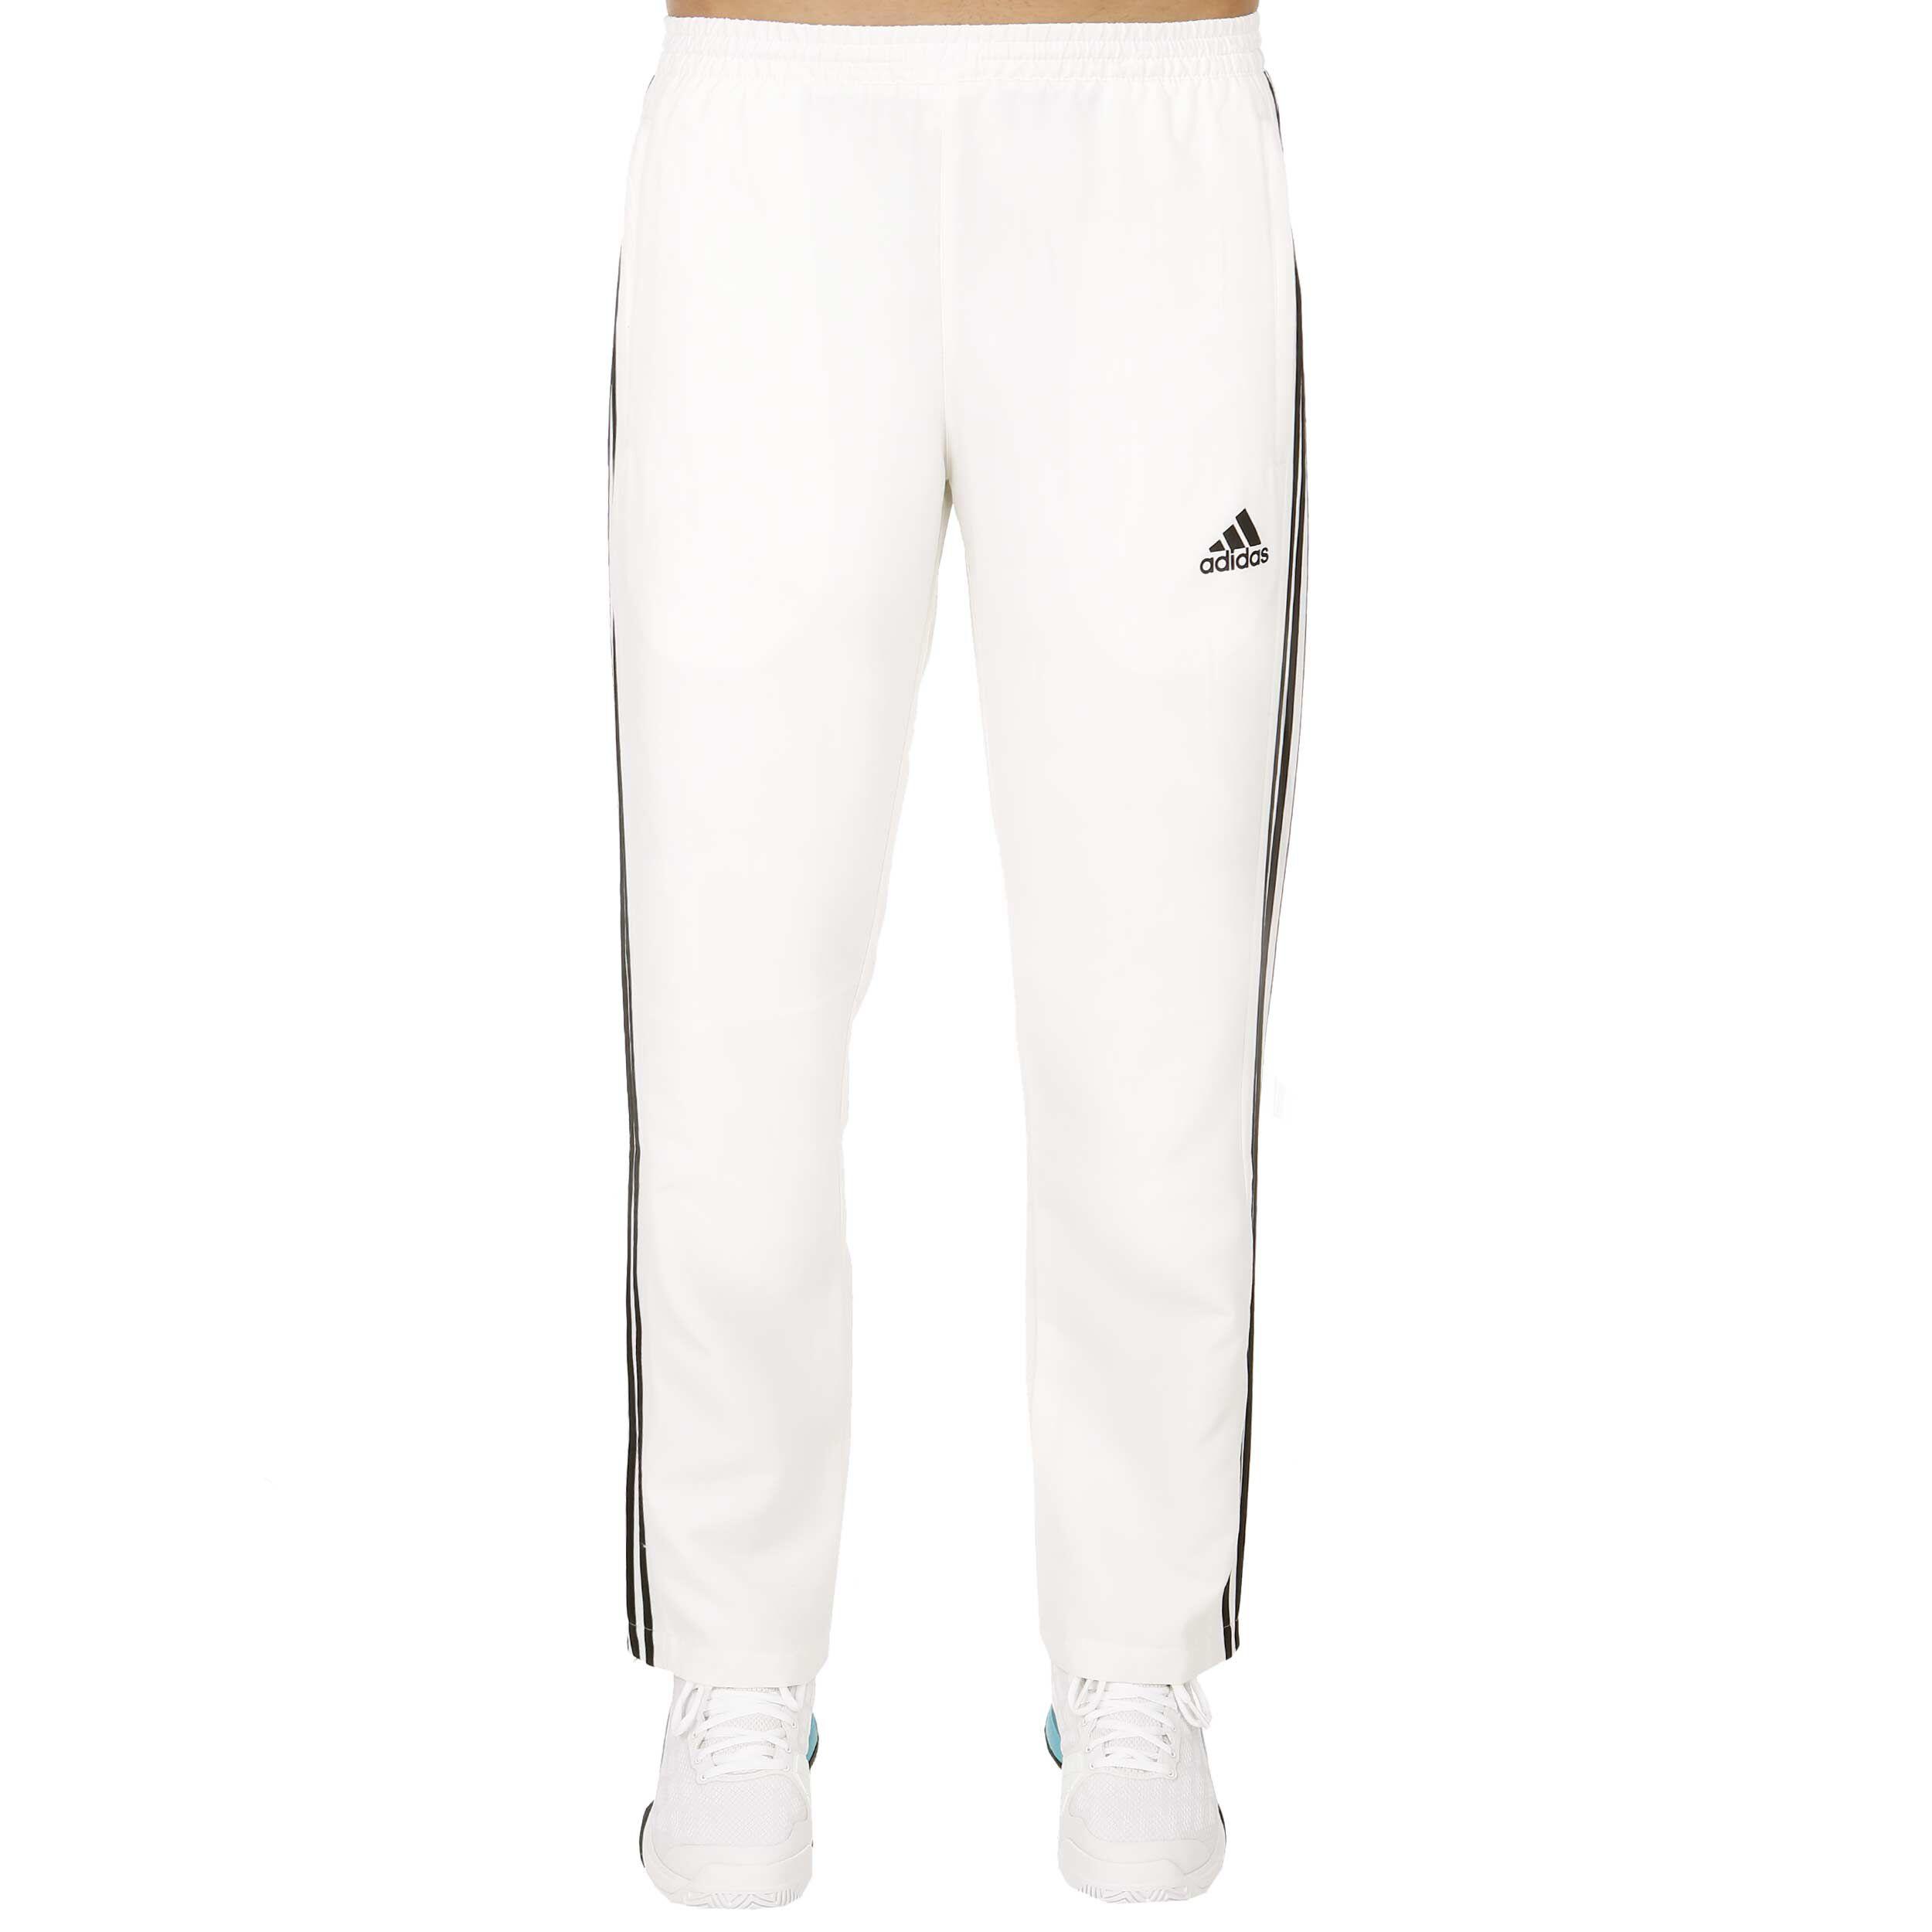 adidas T16 Team Pantalone Da Allenamento Uomini Bianco